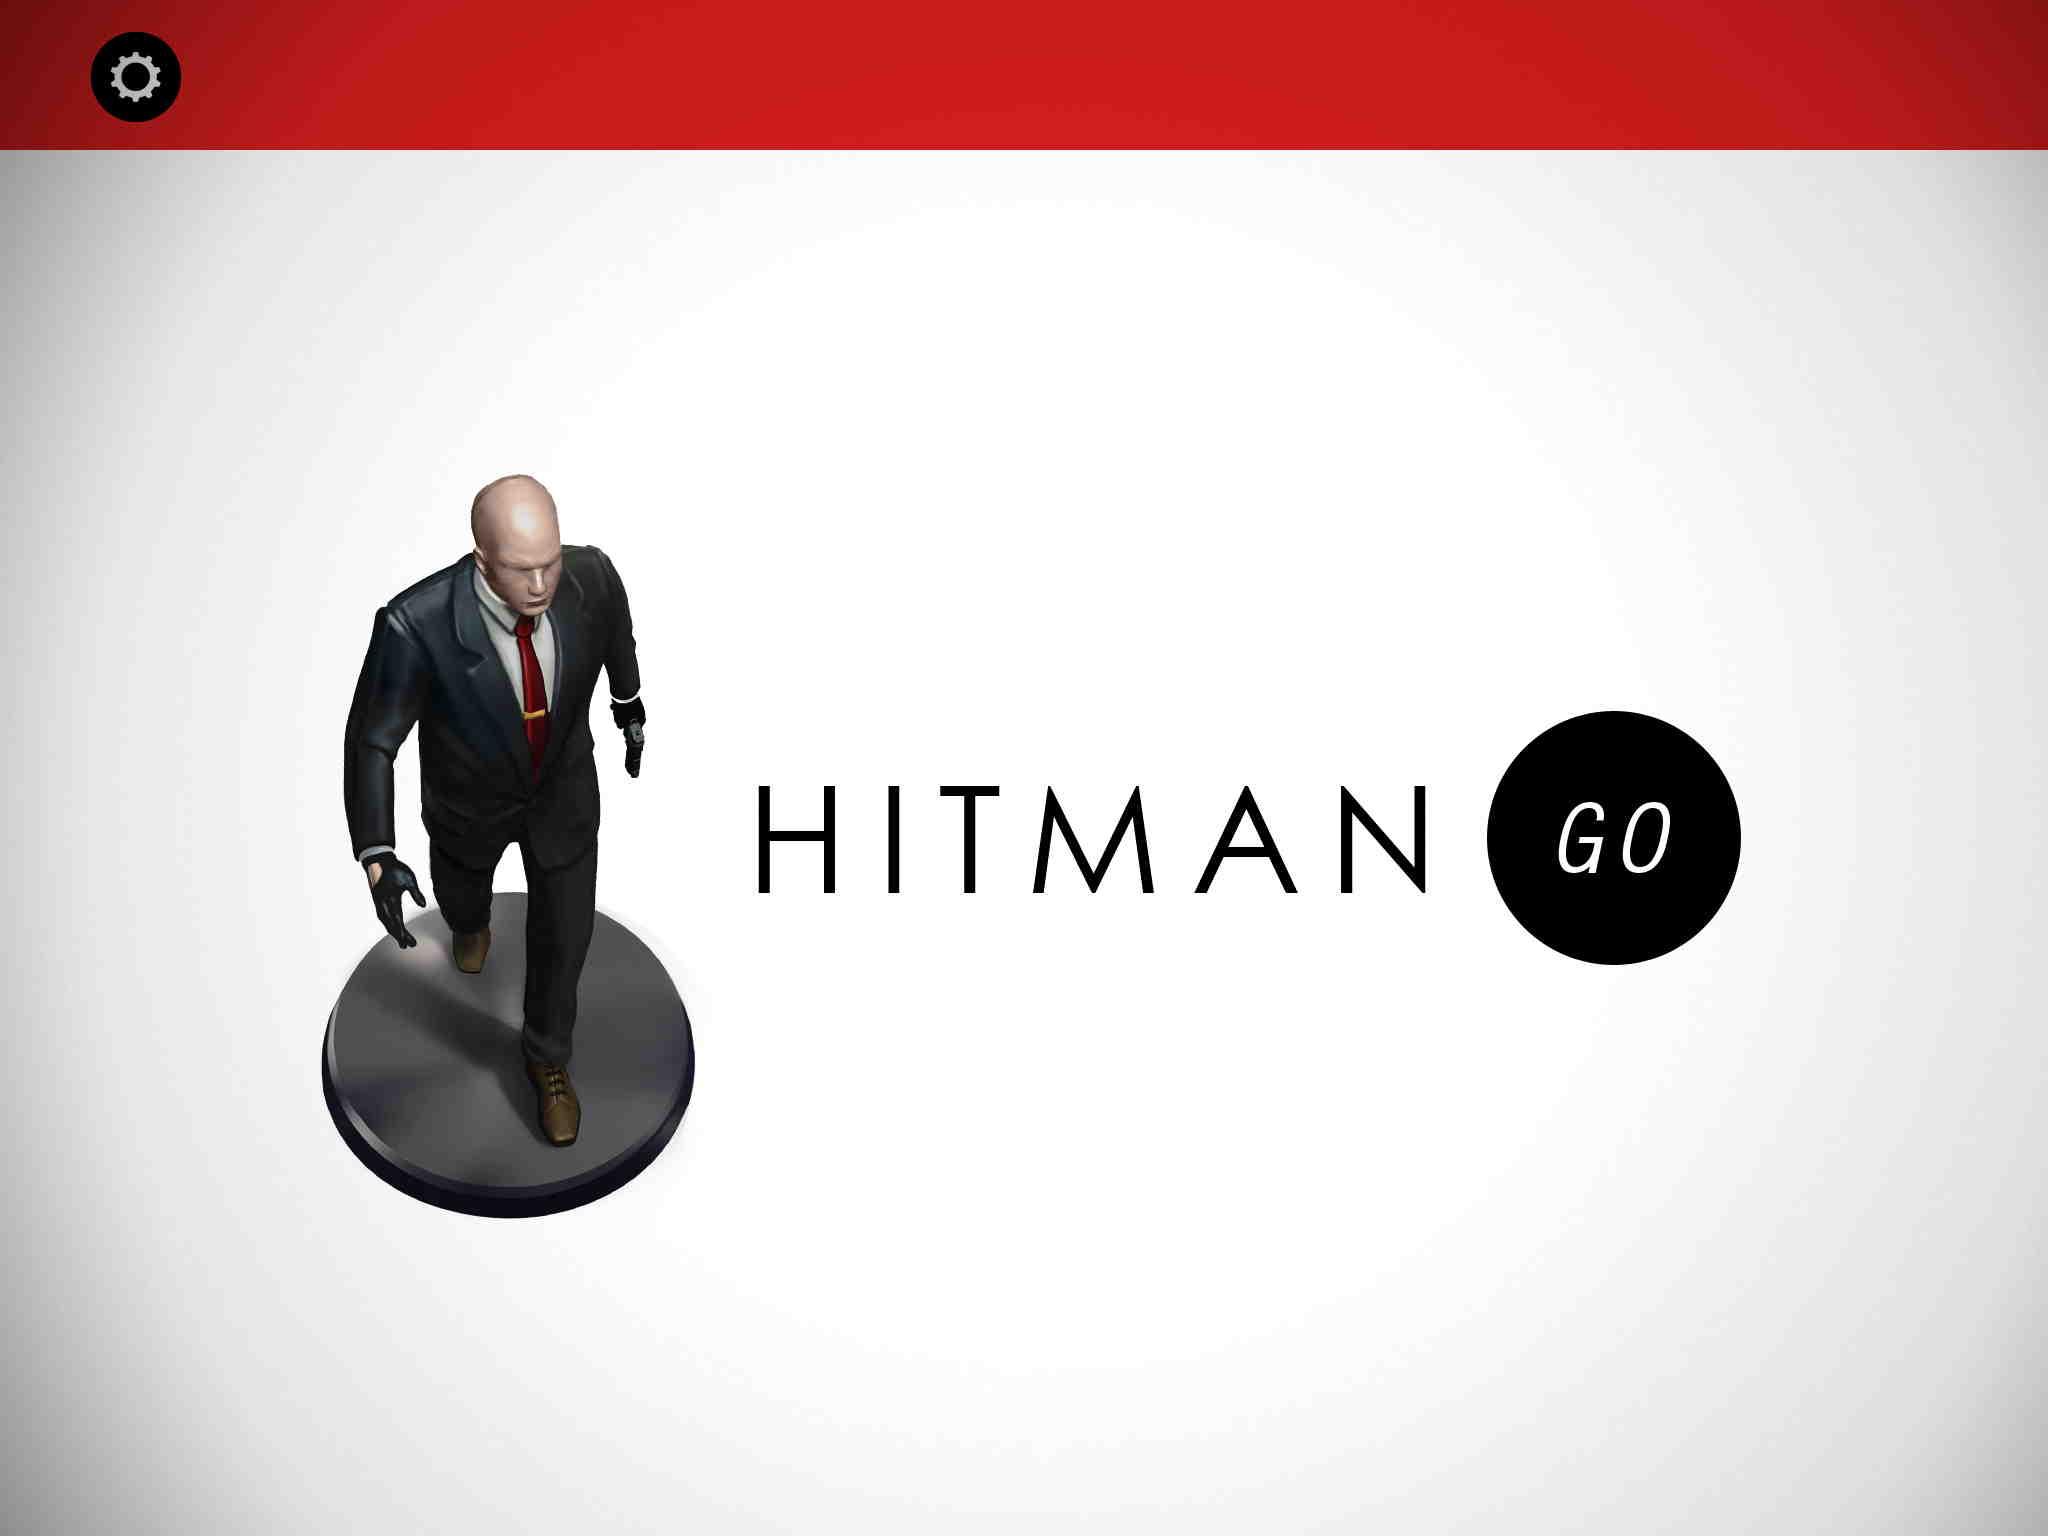 HitmanGo_01